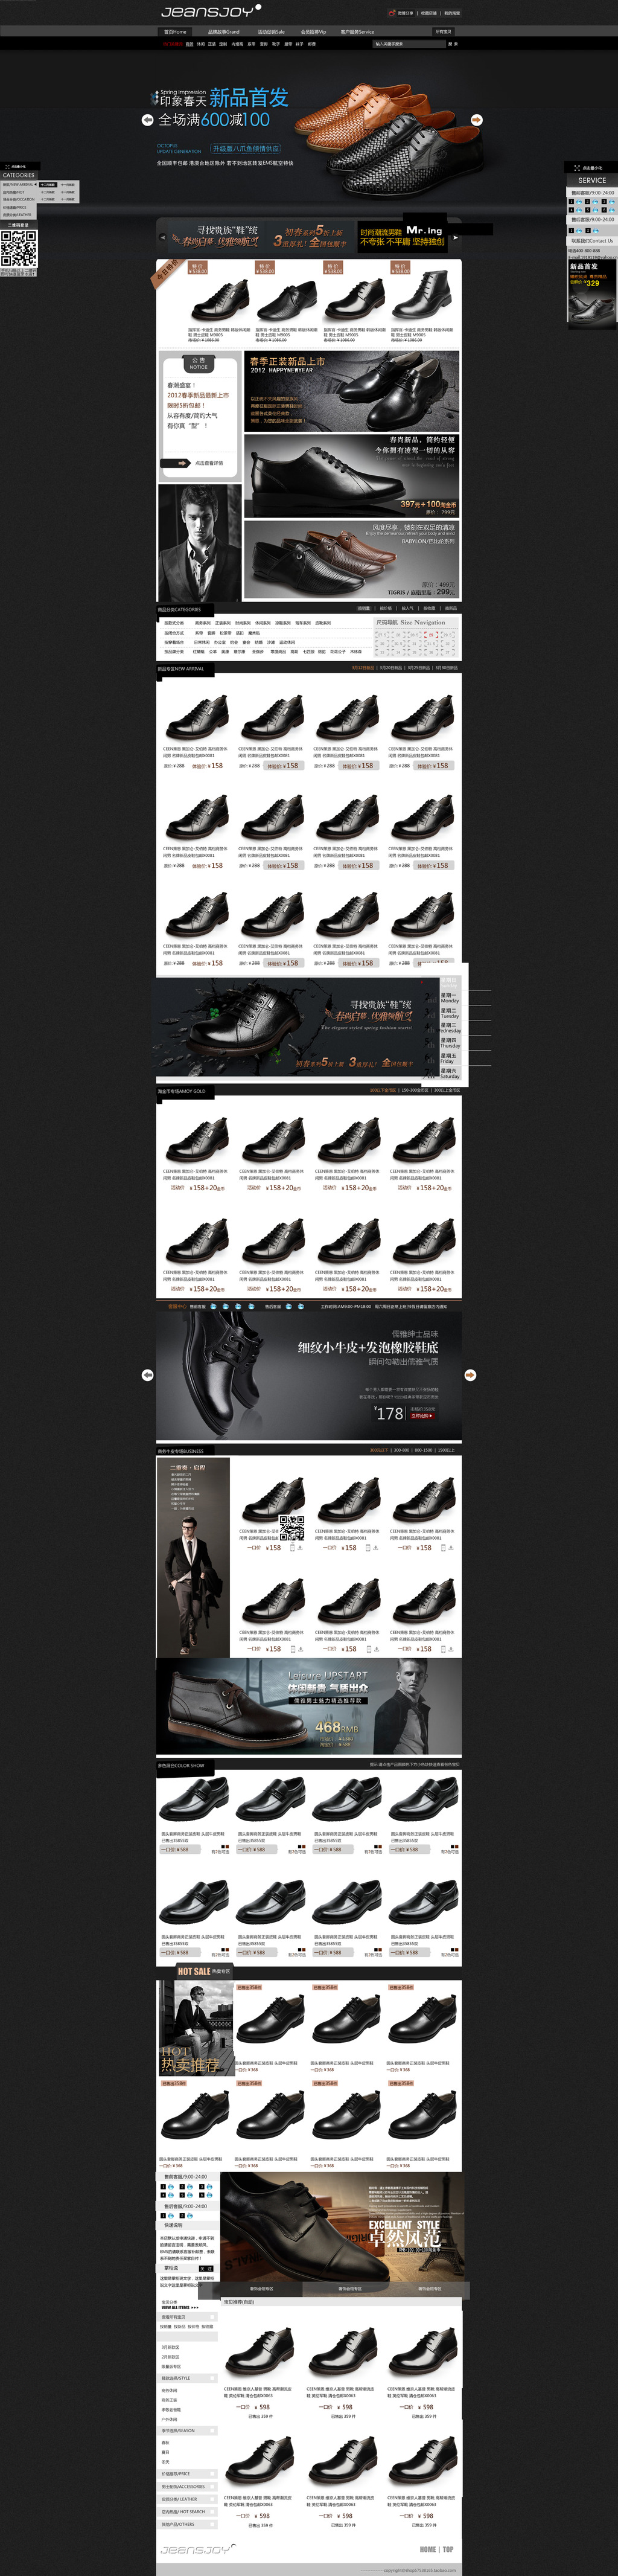 黑色风格淘宝男鞋店装修模板psd素材